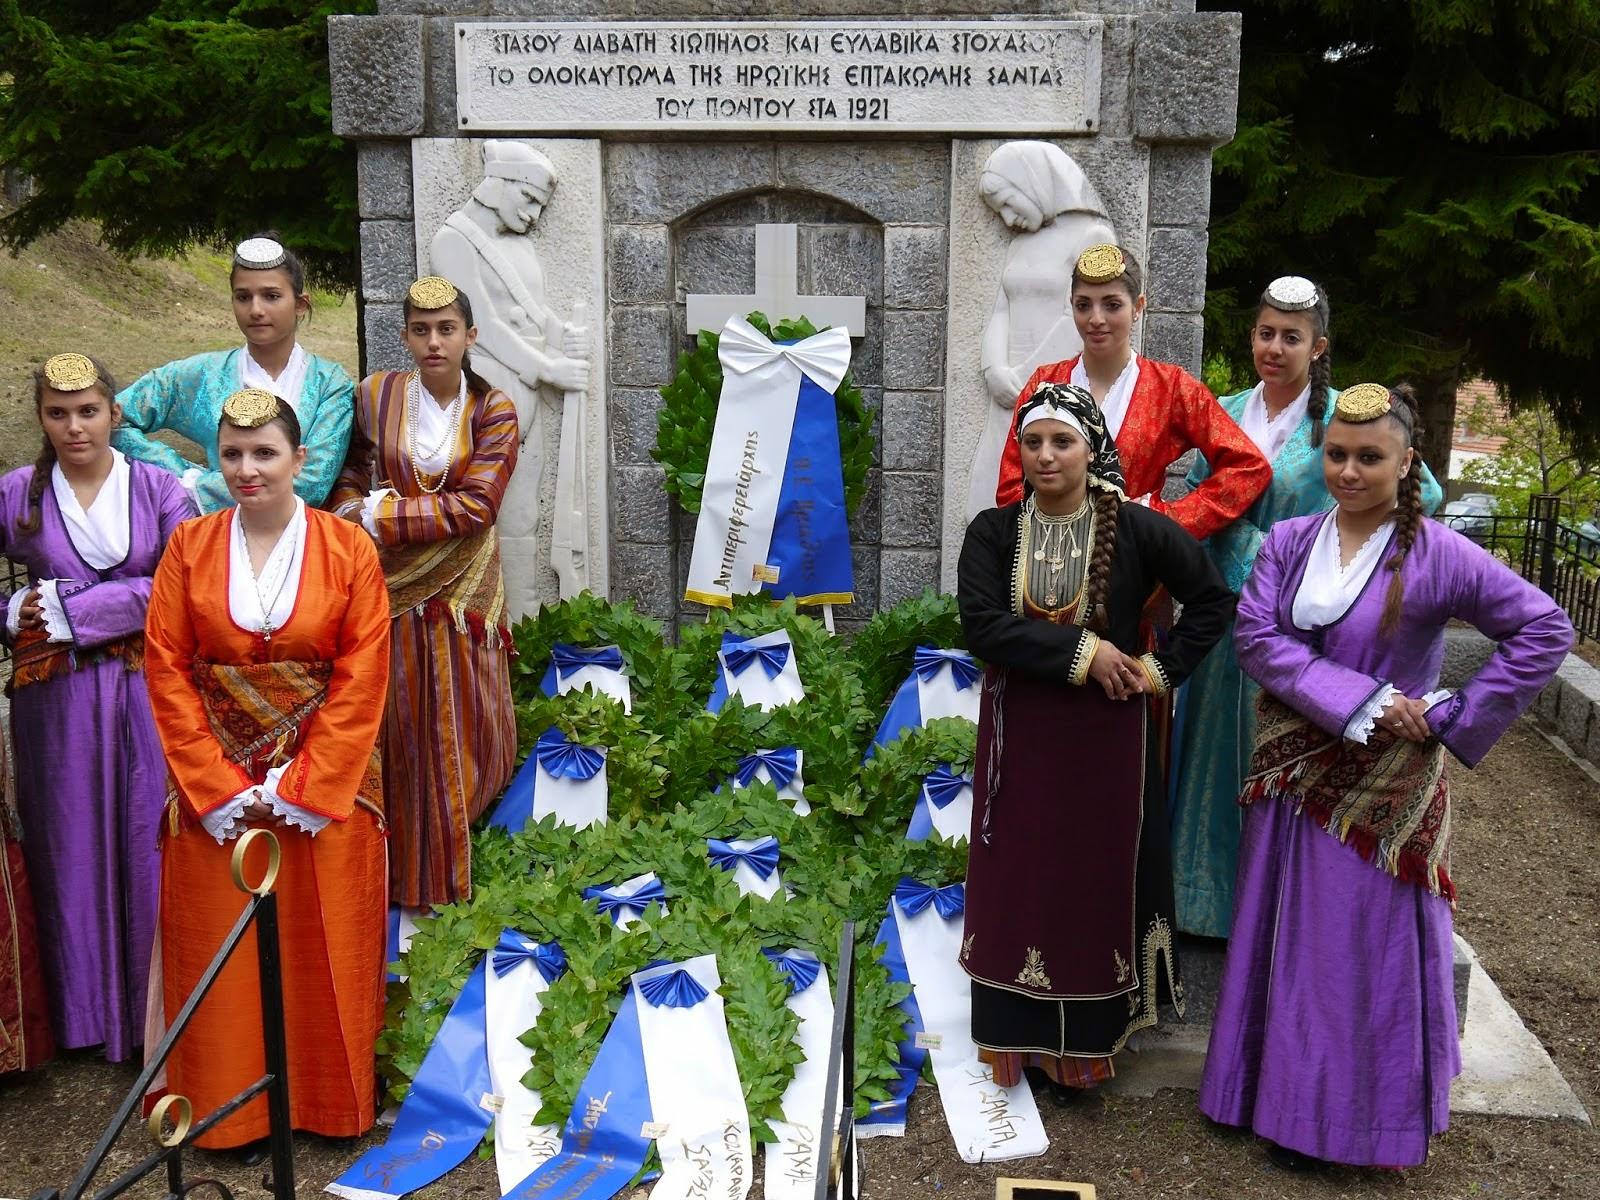 Ετήσιο Μνημόσυνο των Θυμάτων του Ολοκαυτώματος της Επτάκωμης Σάντας, στην Παναγία Σουμελά